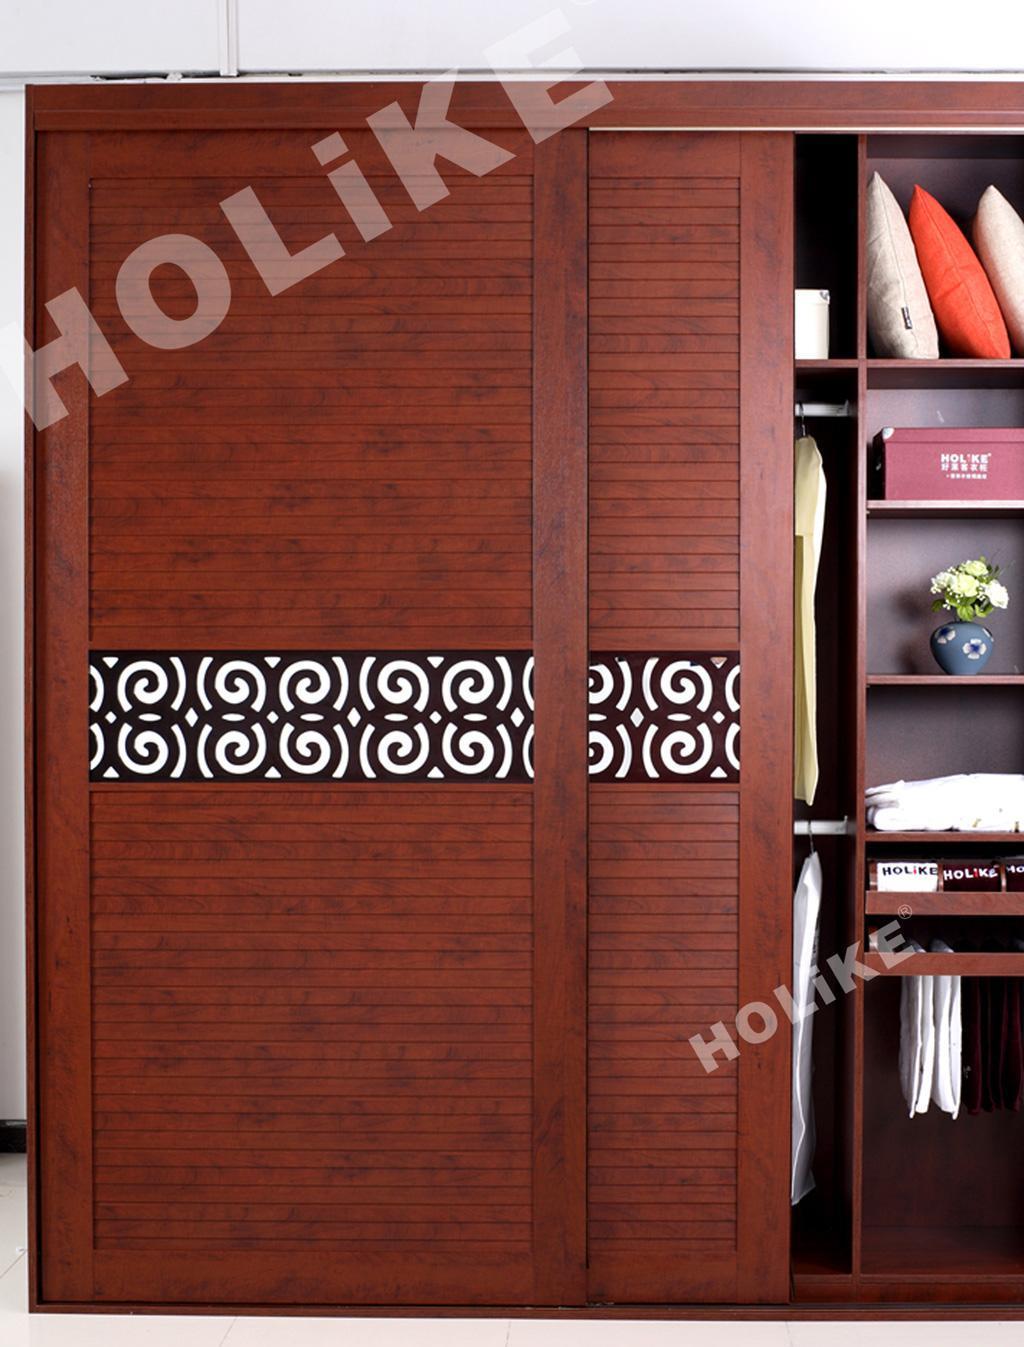 好莱客329红樱桃衣柜+通花禅<br />红樱桃